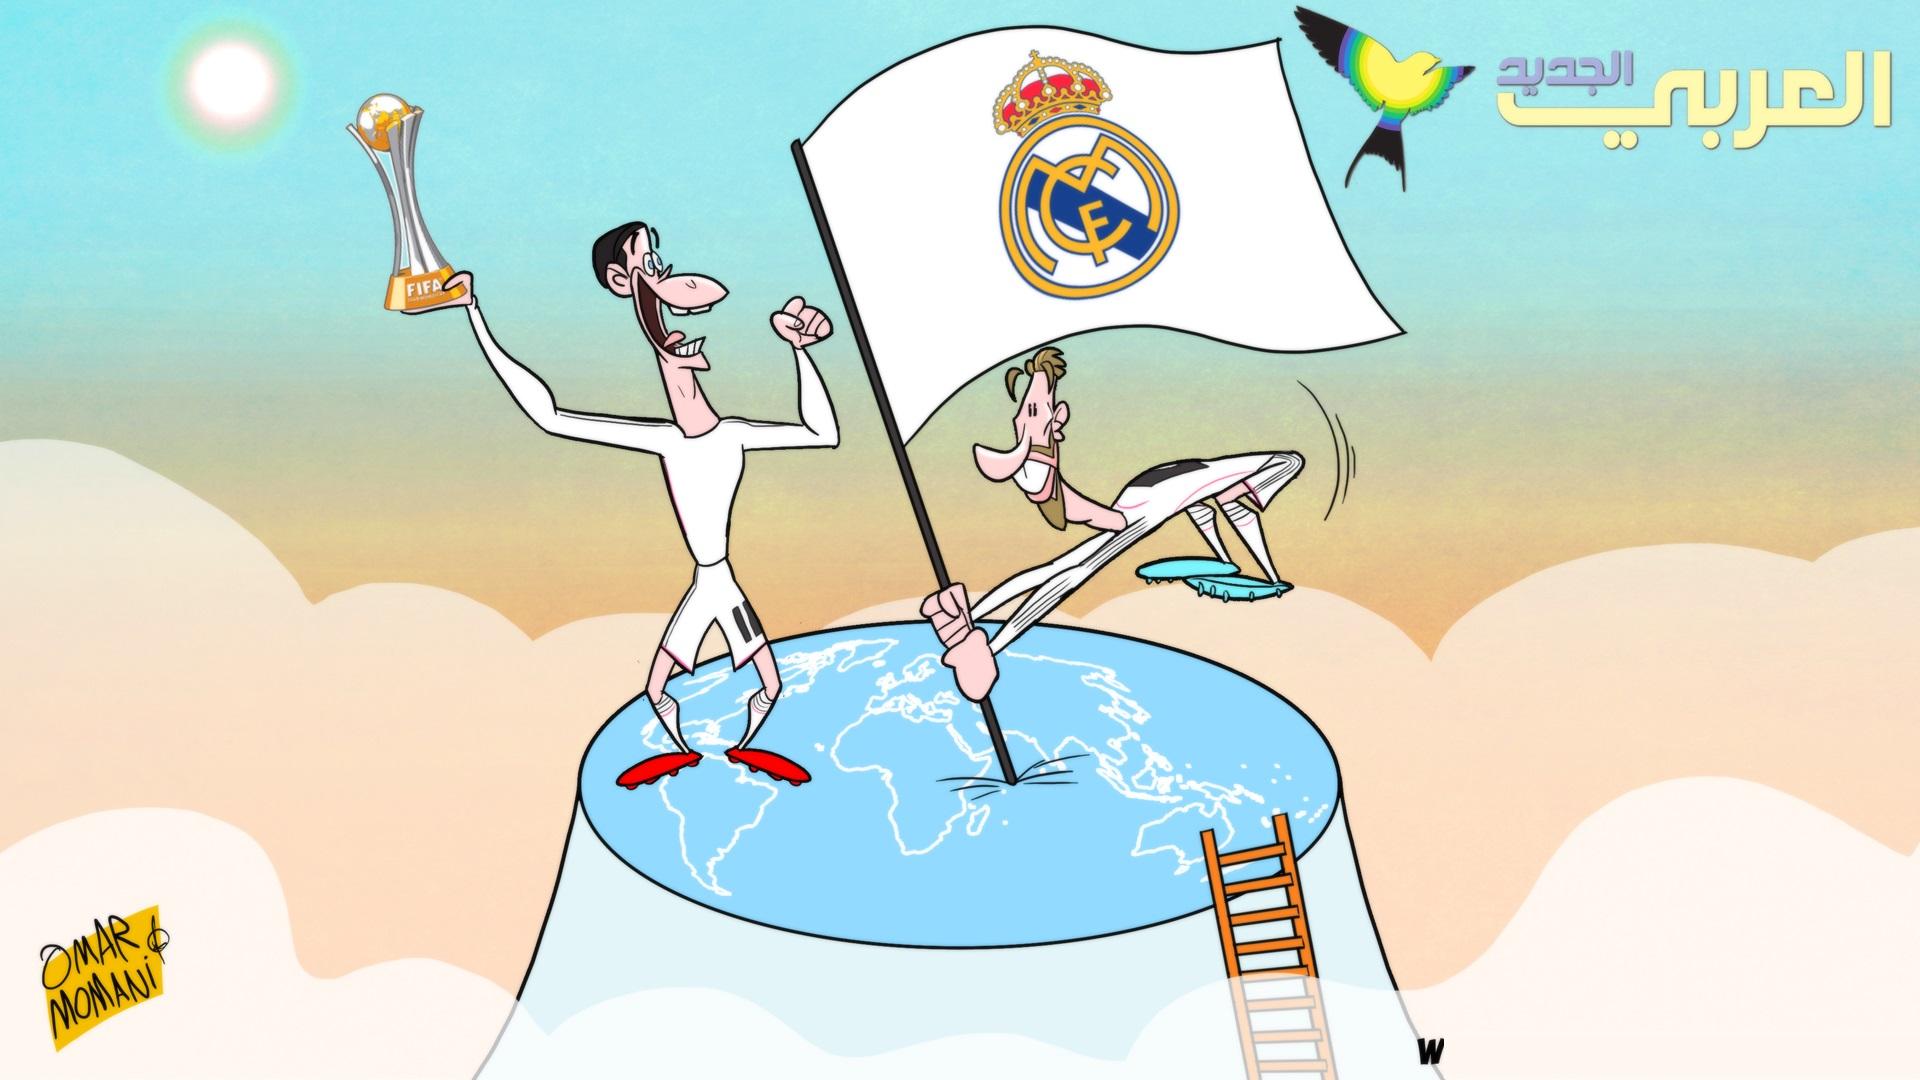 Гарет Бэйл, чемпионат мира среди клубов, Серхио Рамос, Реал Мадрид, примера Испания